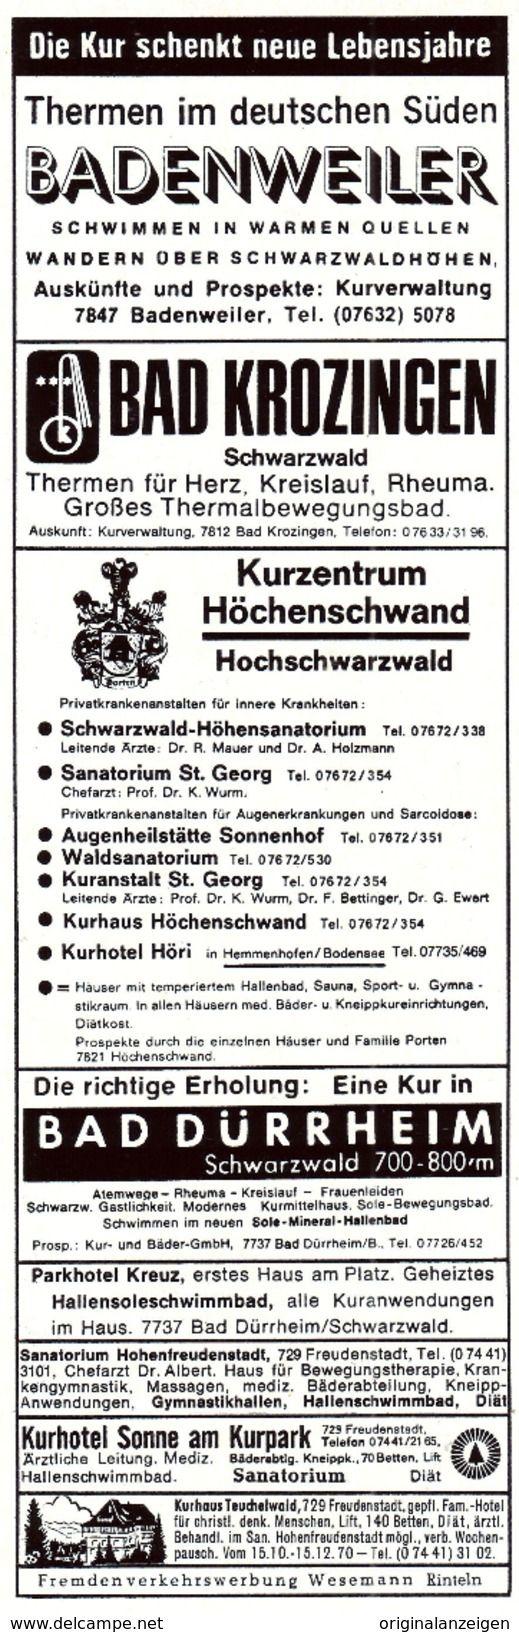 Werbung - Original-Werbung/ Anzeige 1970 - BADENWEILER / BAD KROZINGEN / HÖCHENSCHWAND / BAD DÜRRHEIM - ca. 65 x 220 mm